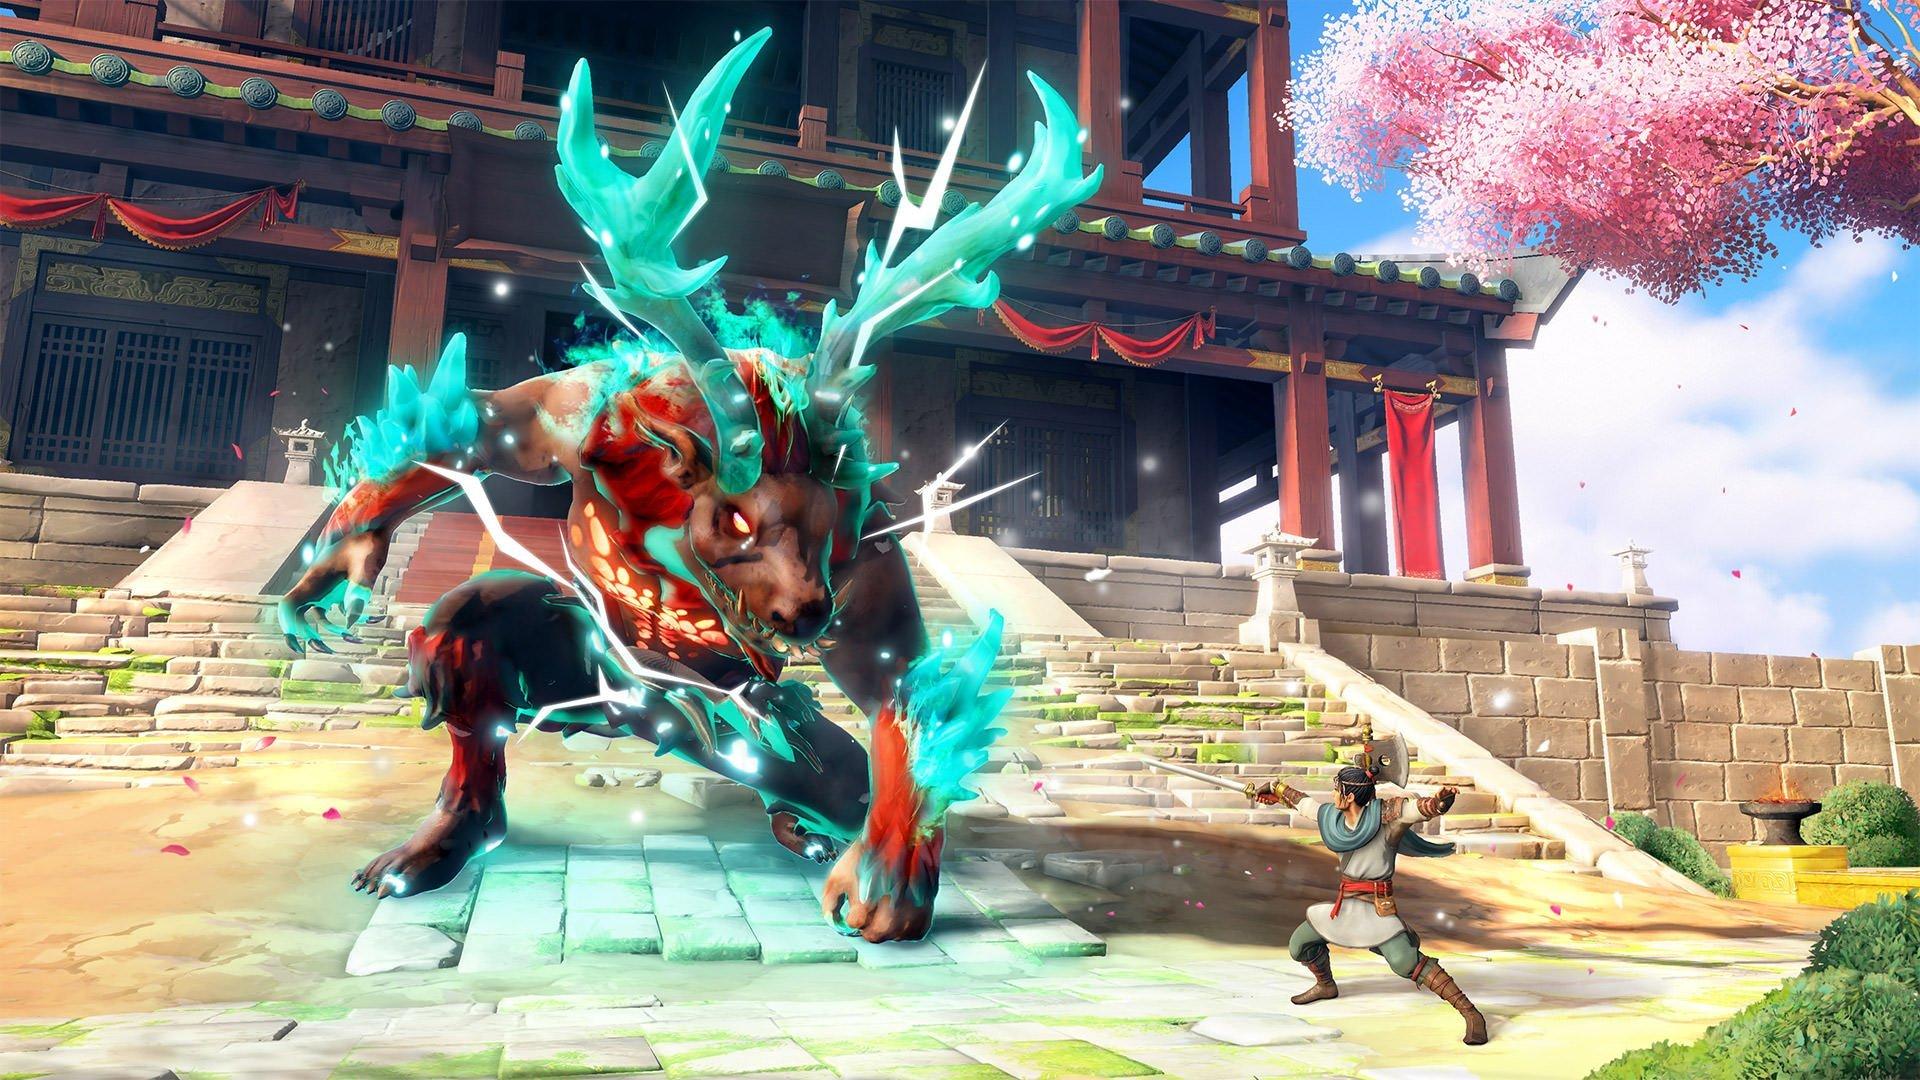 تیزرهای انیمیشینی جدید Immortals Fenyx Rising خبر از انتشار یک تریلر متفاوت میدهند